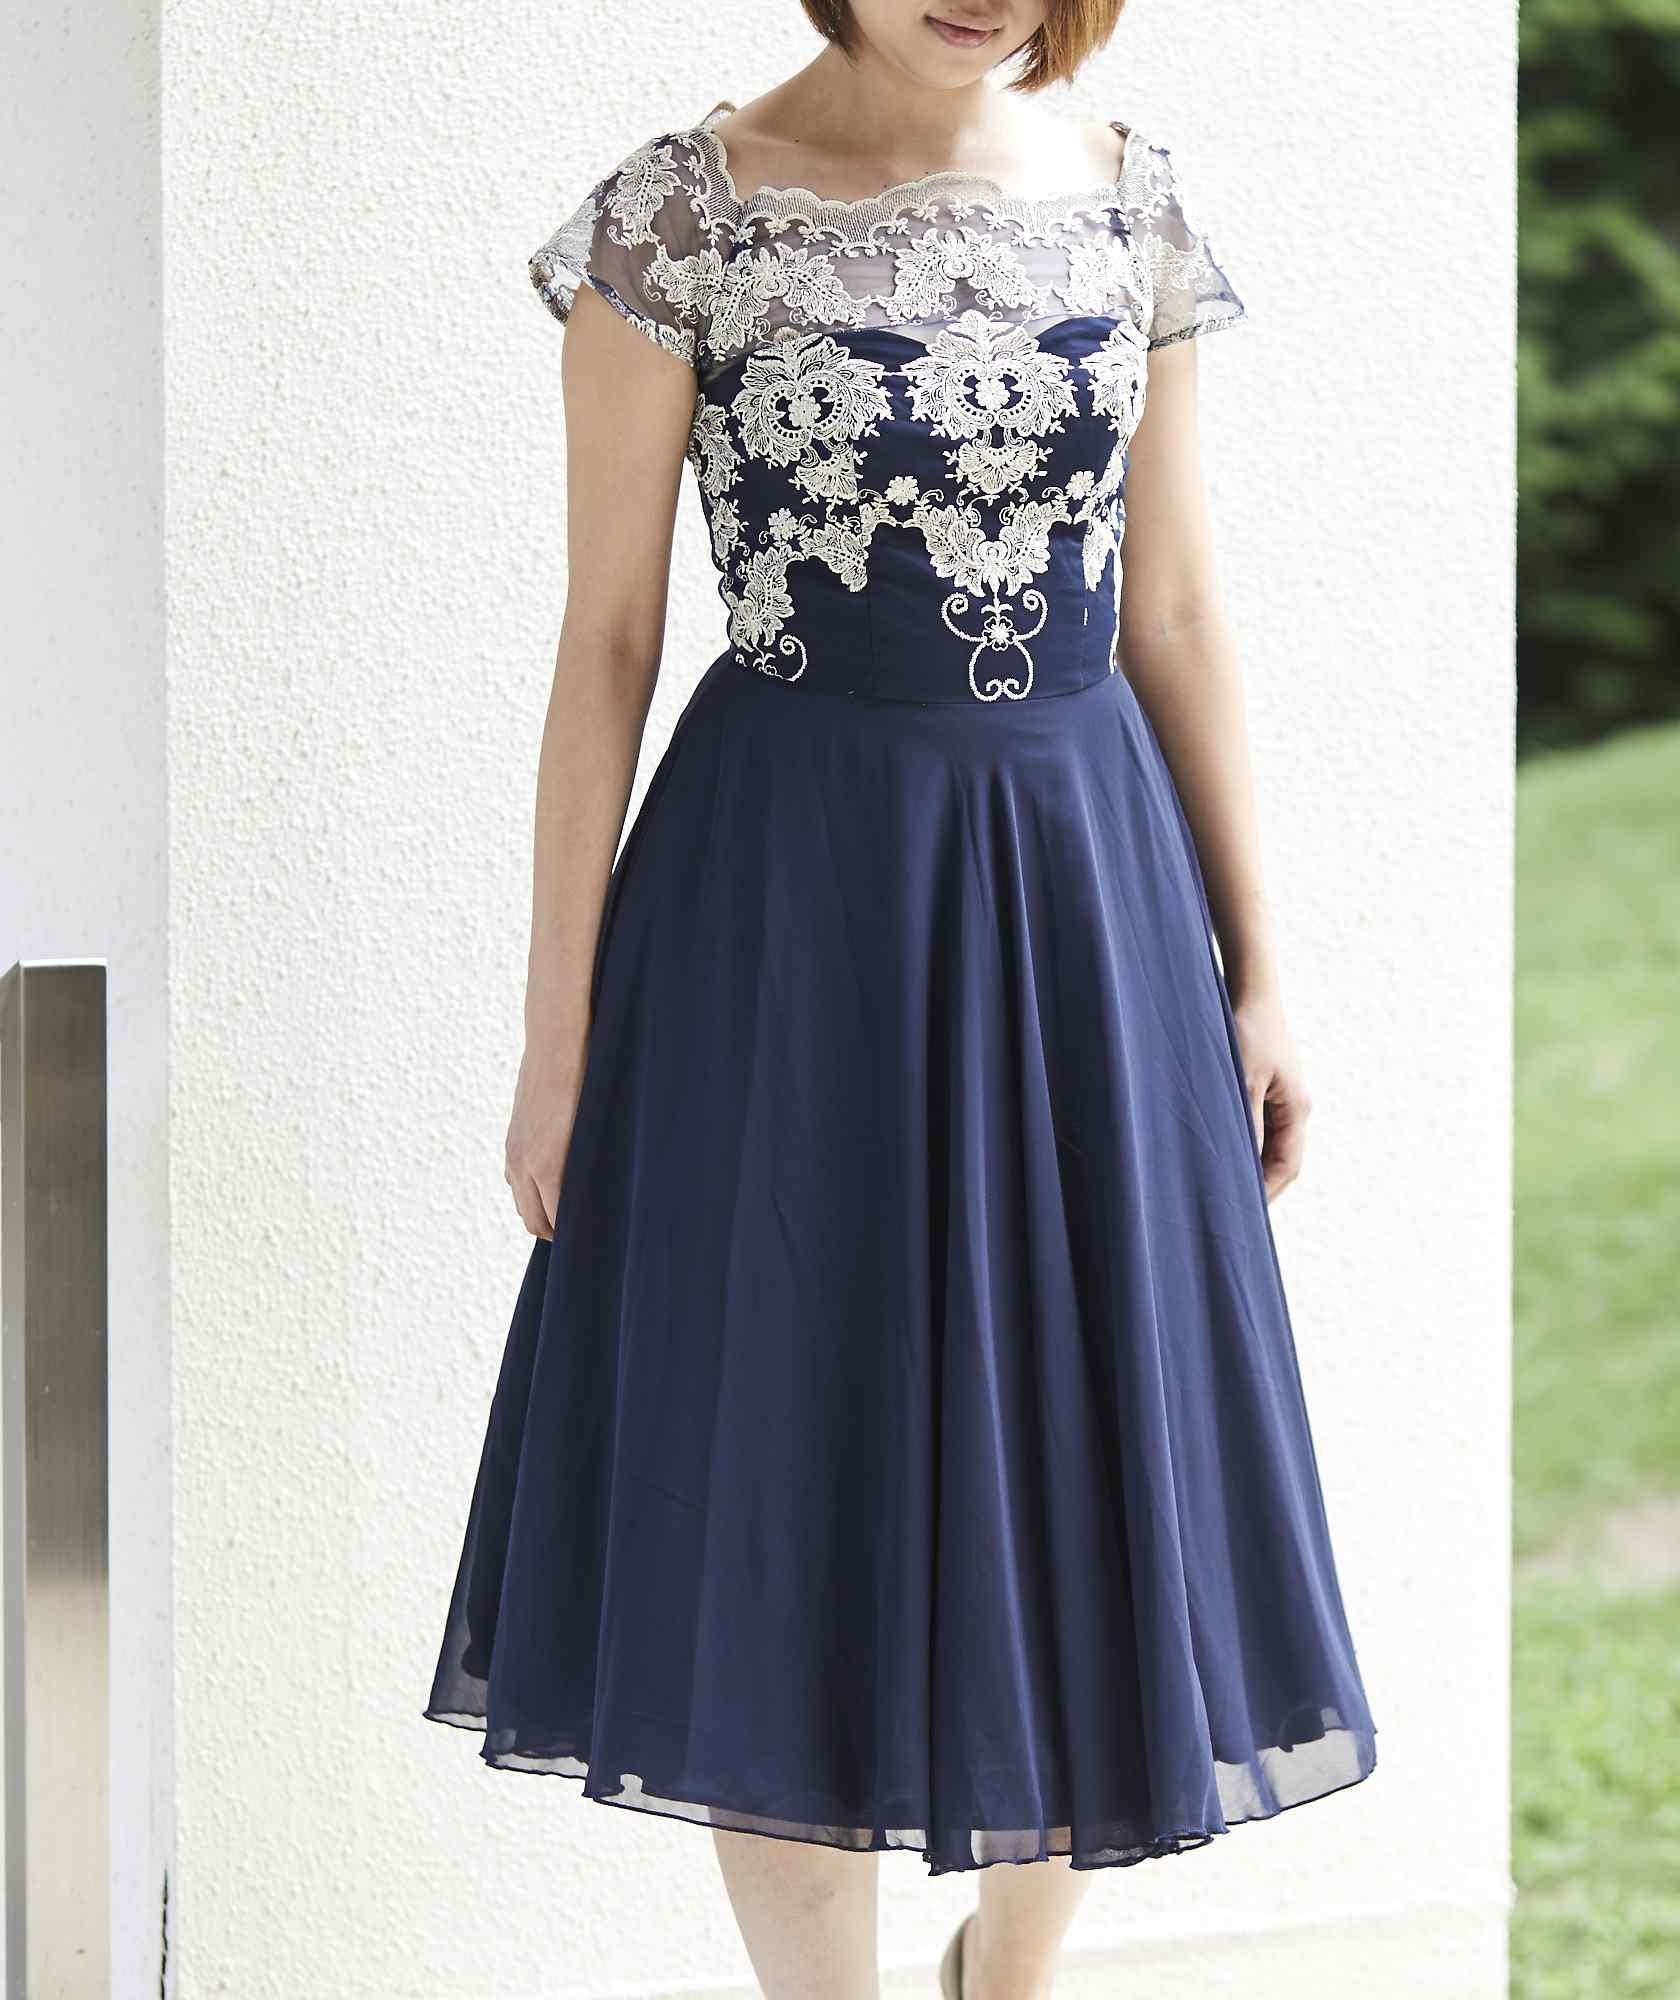 チュールAラインエンブロイダリーミディアムドレス-ネイビー-S